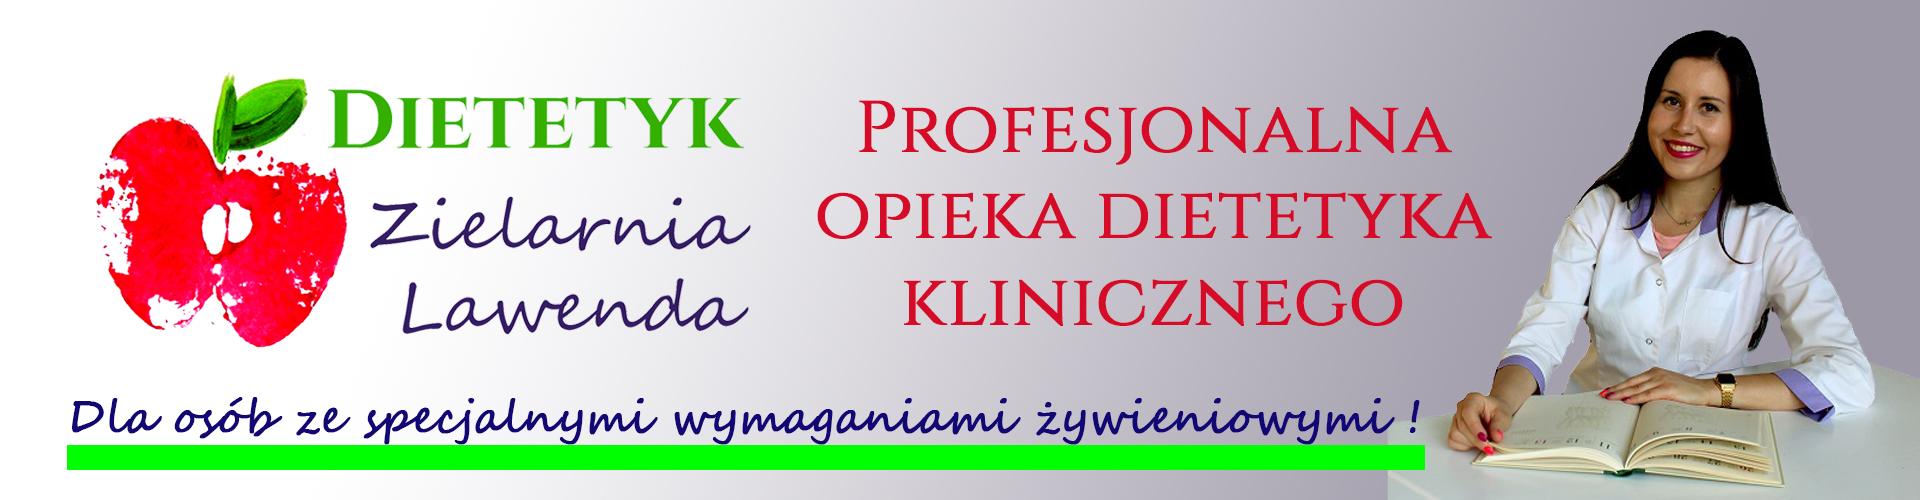 dietetyk_baner[1].jpg